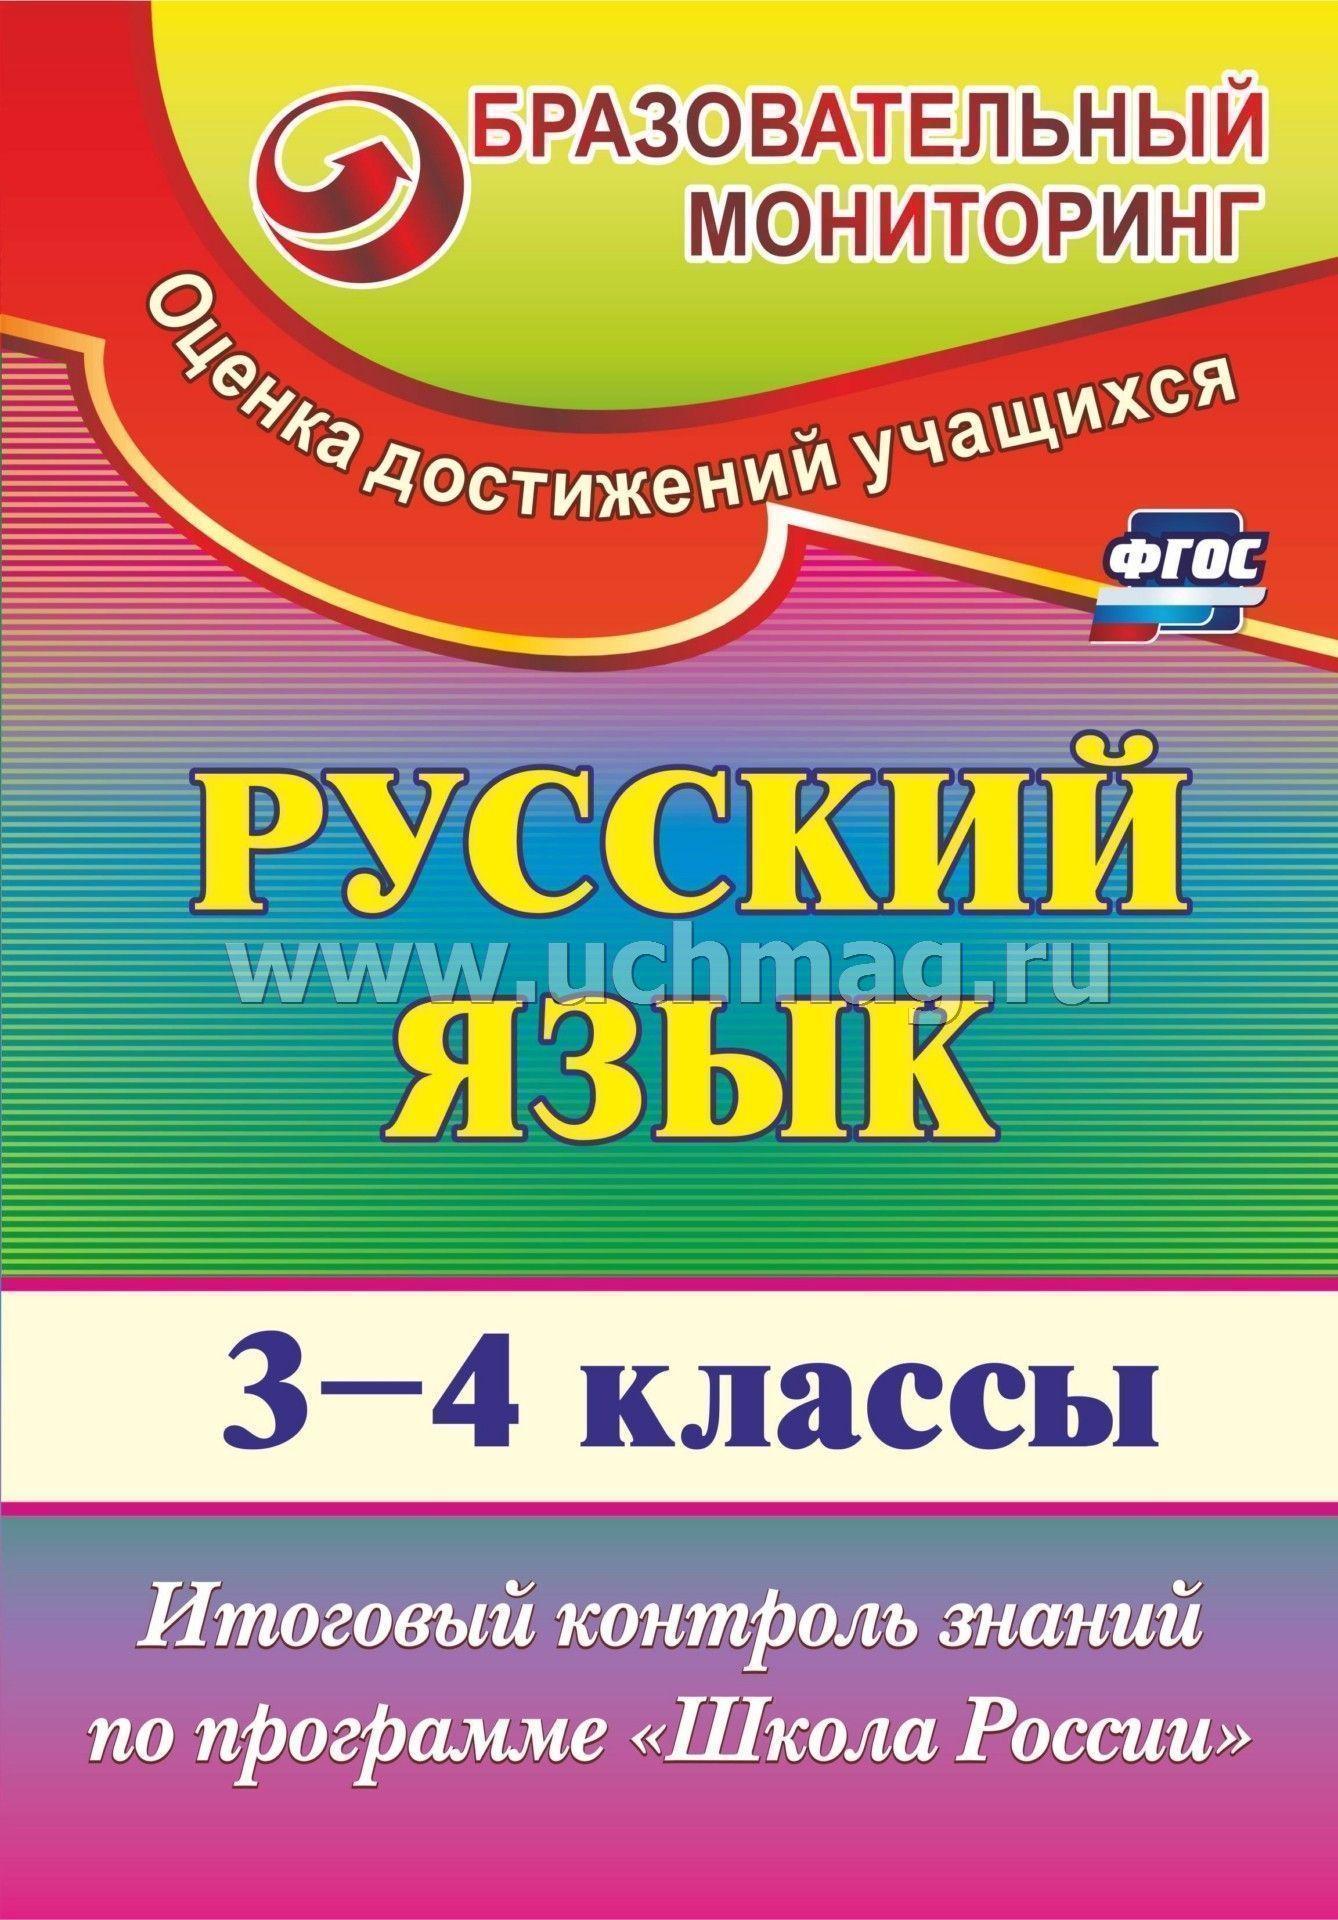 Русский язык классы итоговый контроль знаний по программе  3 4 классы итоговый контроль знаний по программе Школа России